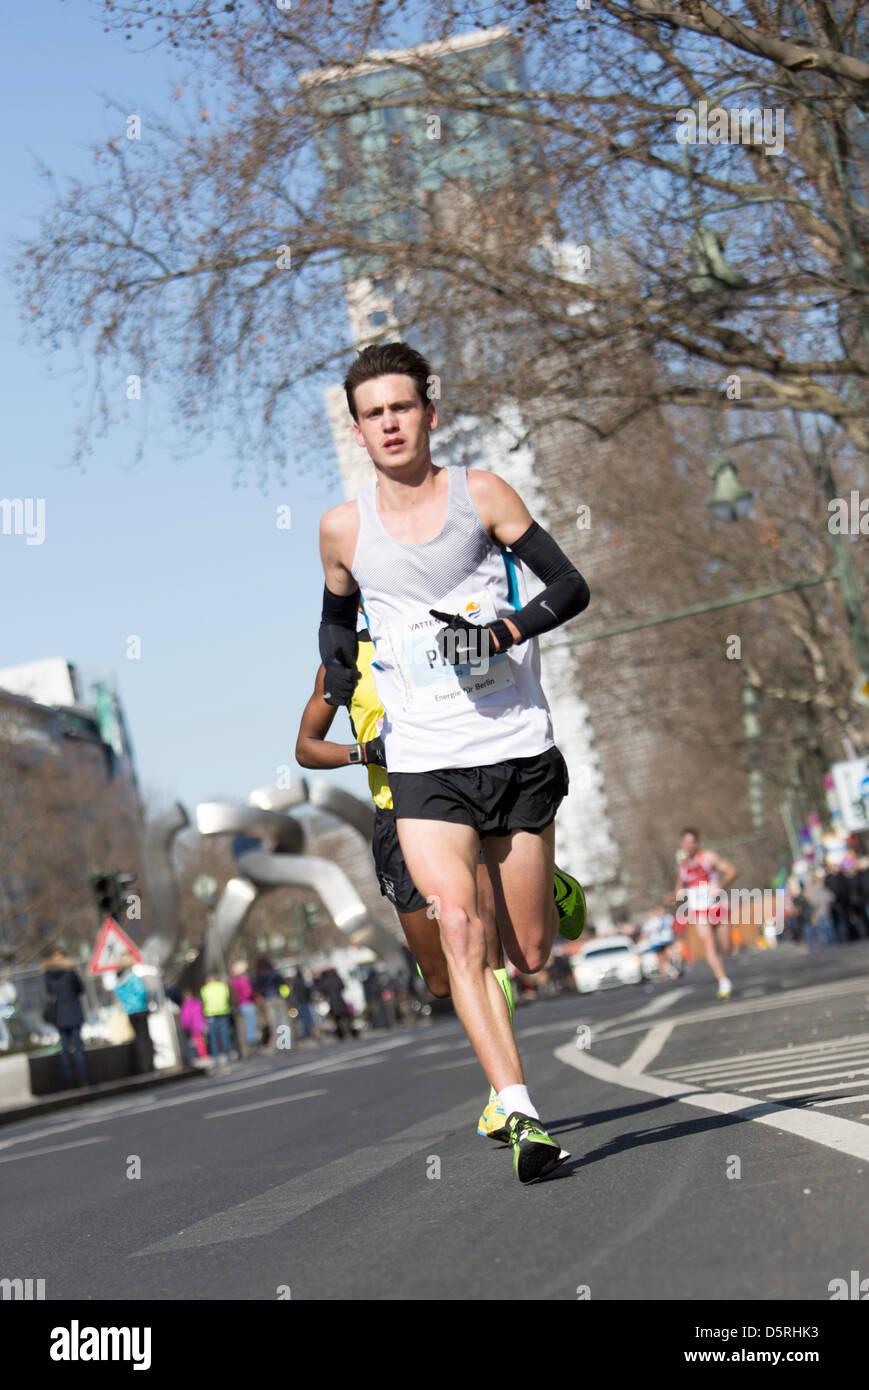 Berlino, Germania. 7 Aprile, 2013. I partecipanti della trentatreesima mezza maratona al km 14, 2013 a Berlino, Immagini Stock